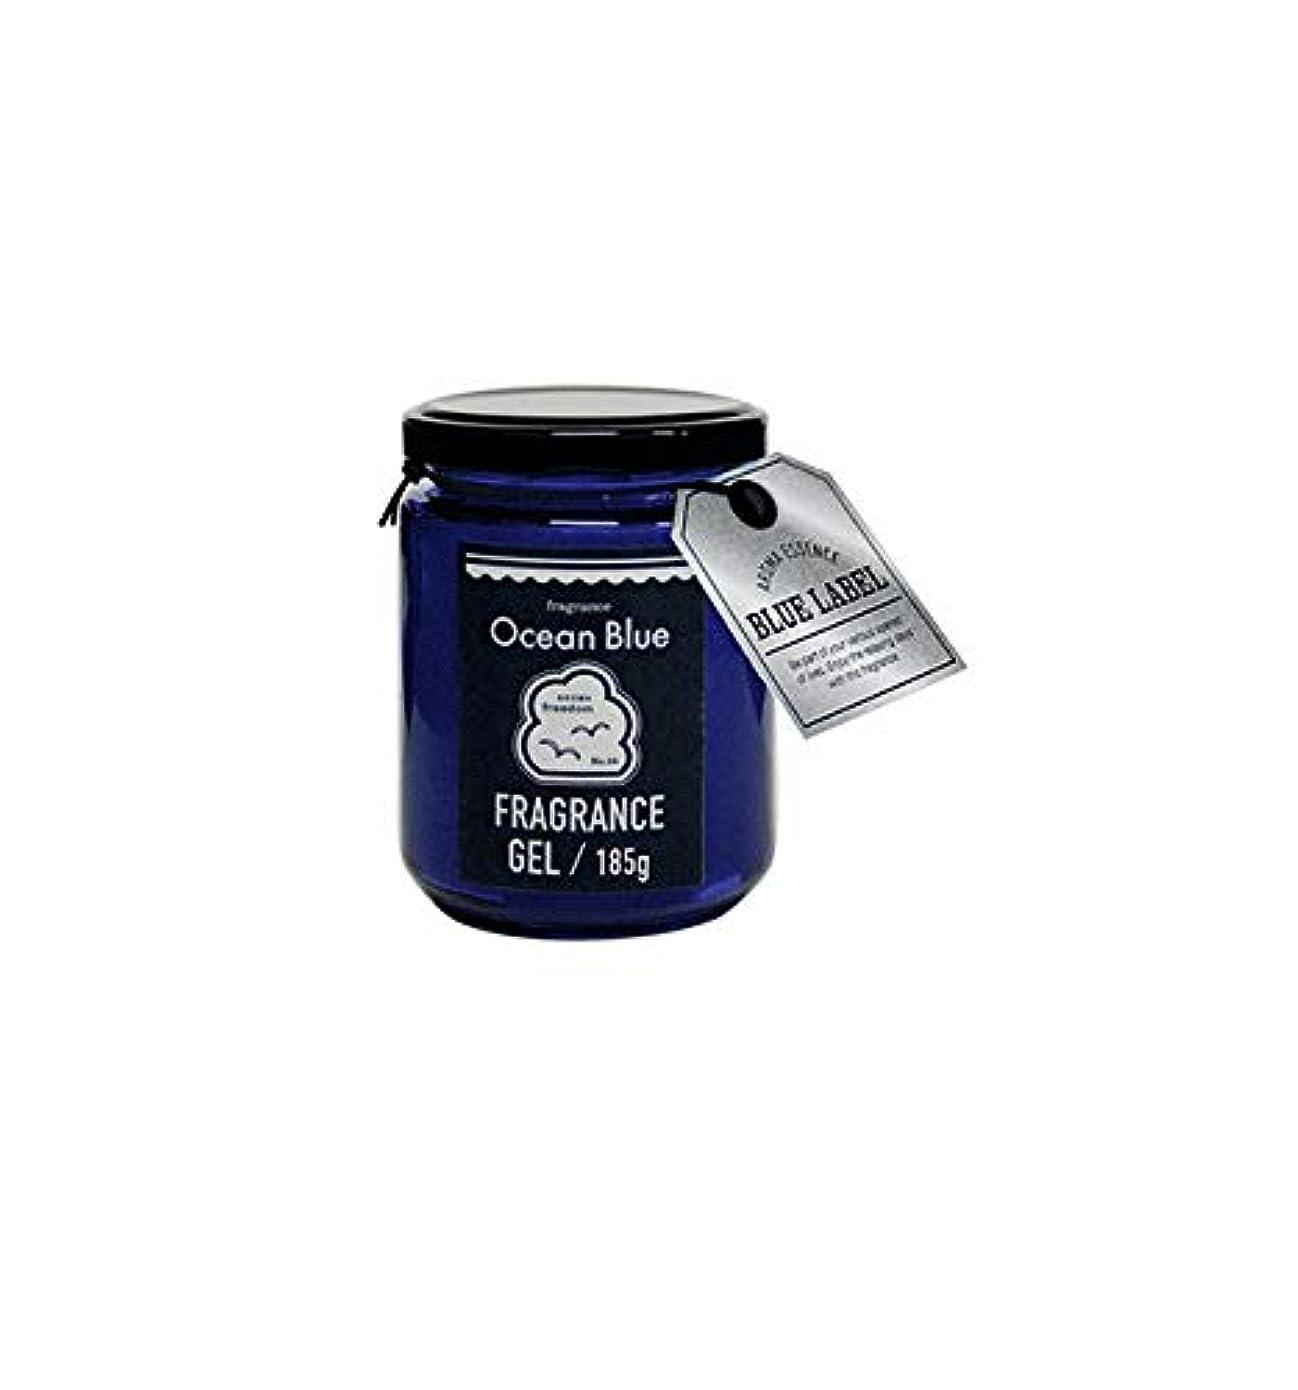 飢犬合唱団ブルーラベル ブルー フレグランスジェル185g オーシャンブルー(ルームフレグランス 約1-2ヶ月 海の爽快な香り)